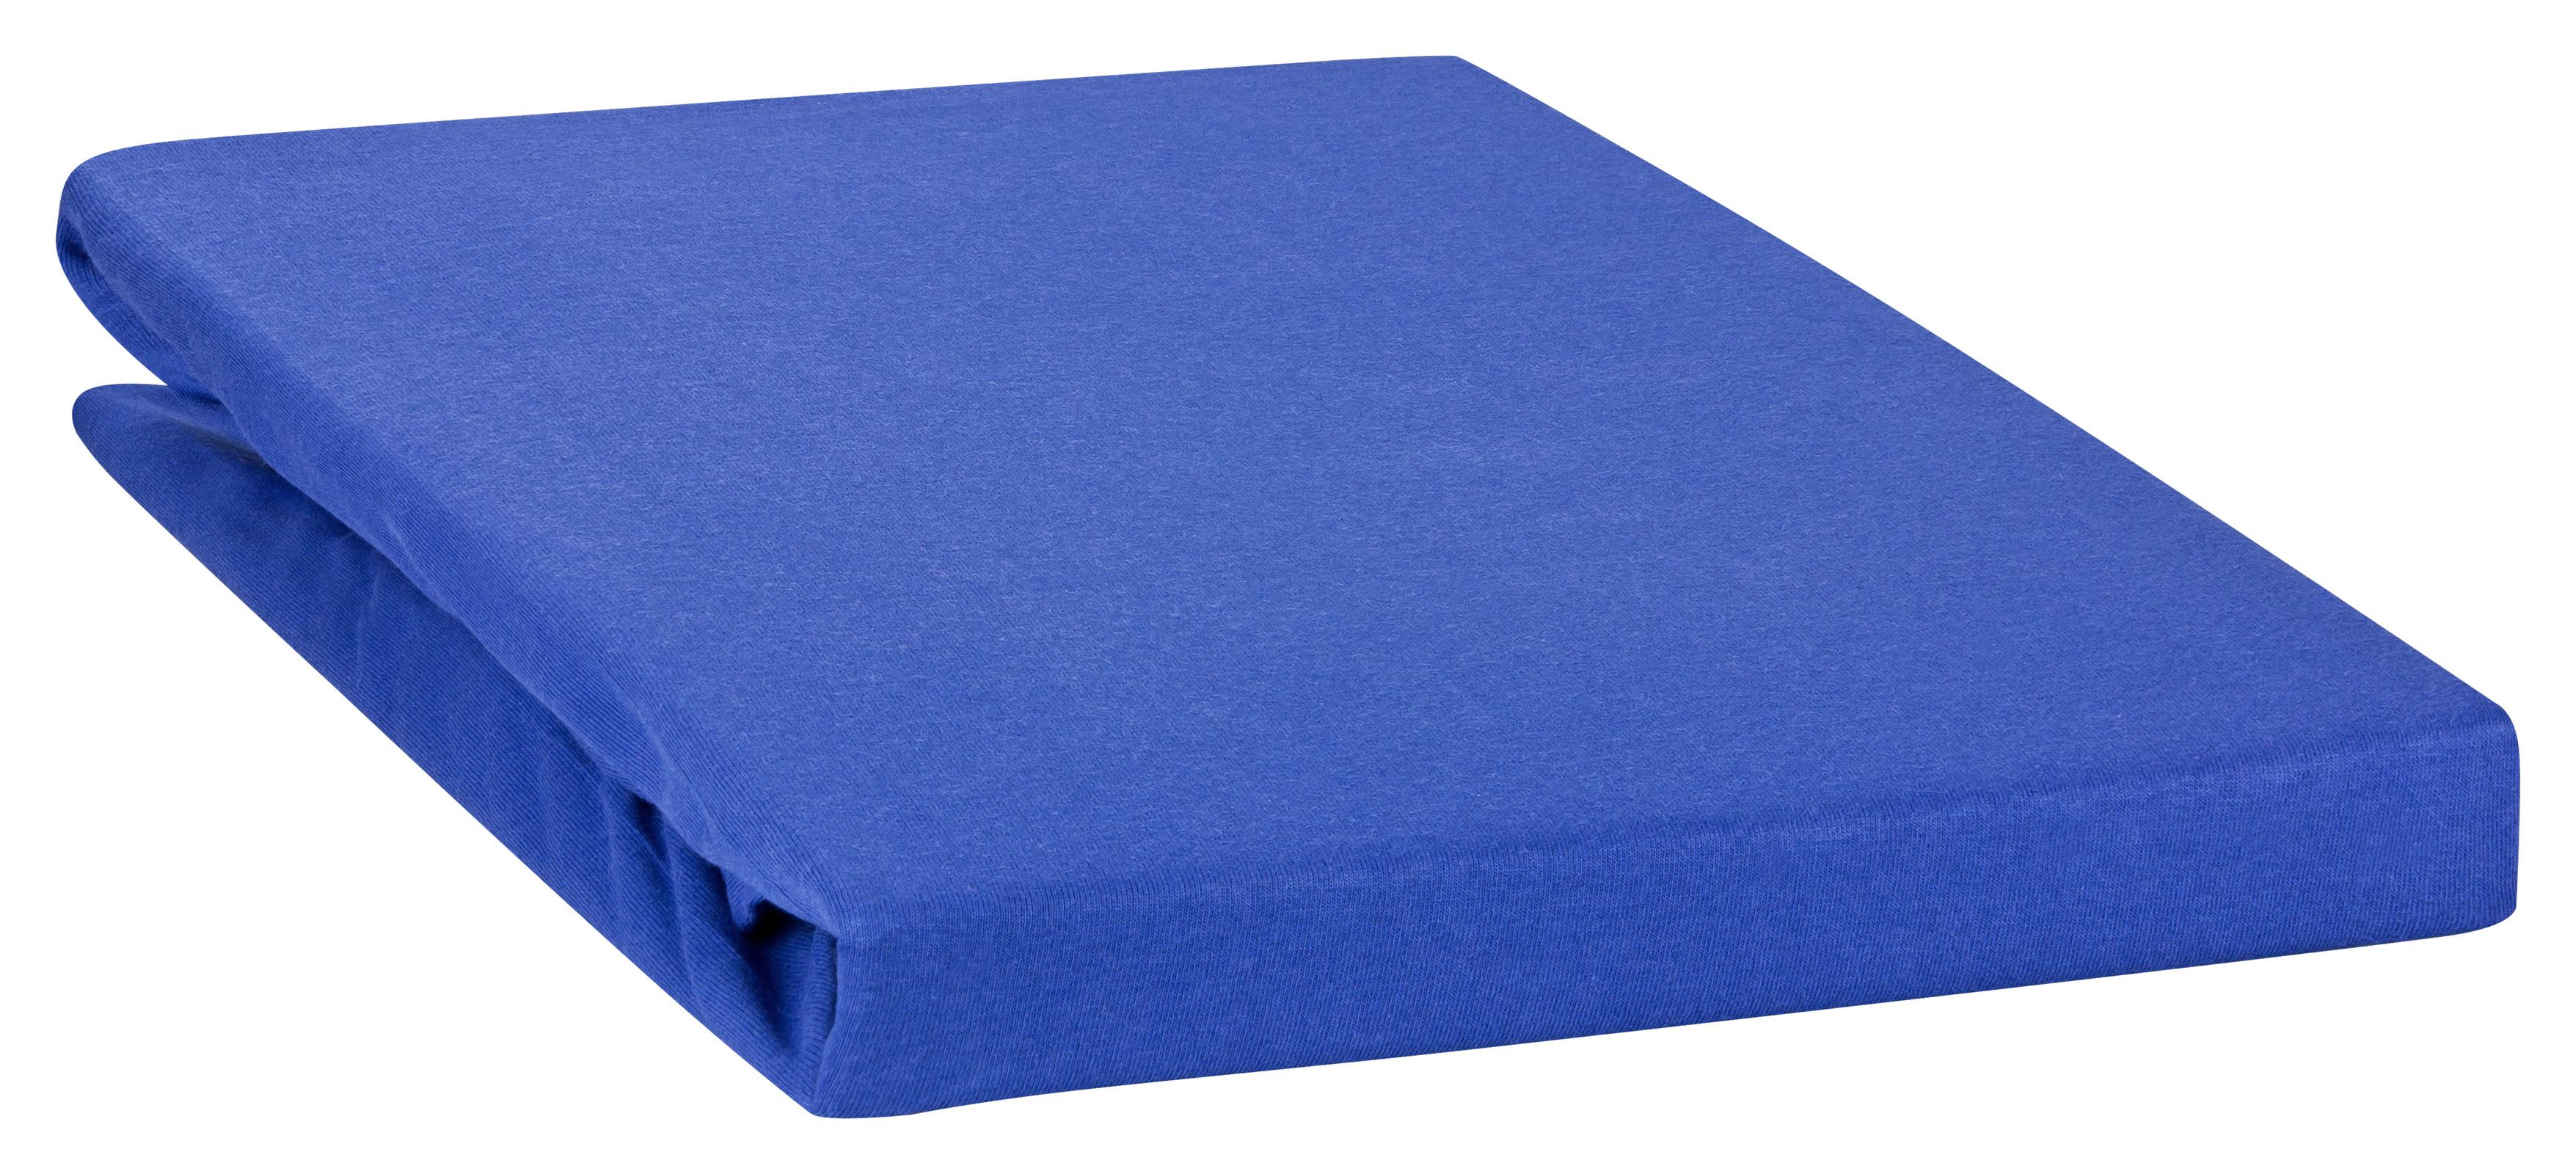 moon spannbetttuch spannbettlaken auch f r s wasserbett 160g m jersey line gree ebay. Black Bedroom Furniture Sets. Home Design Ideas